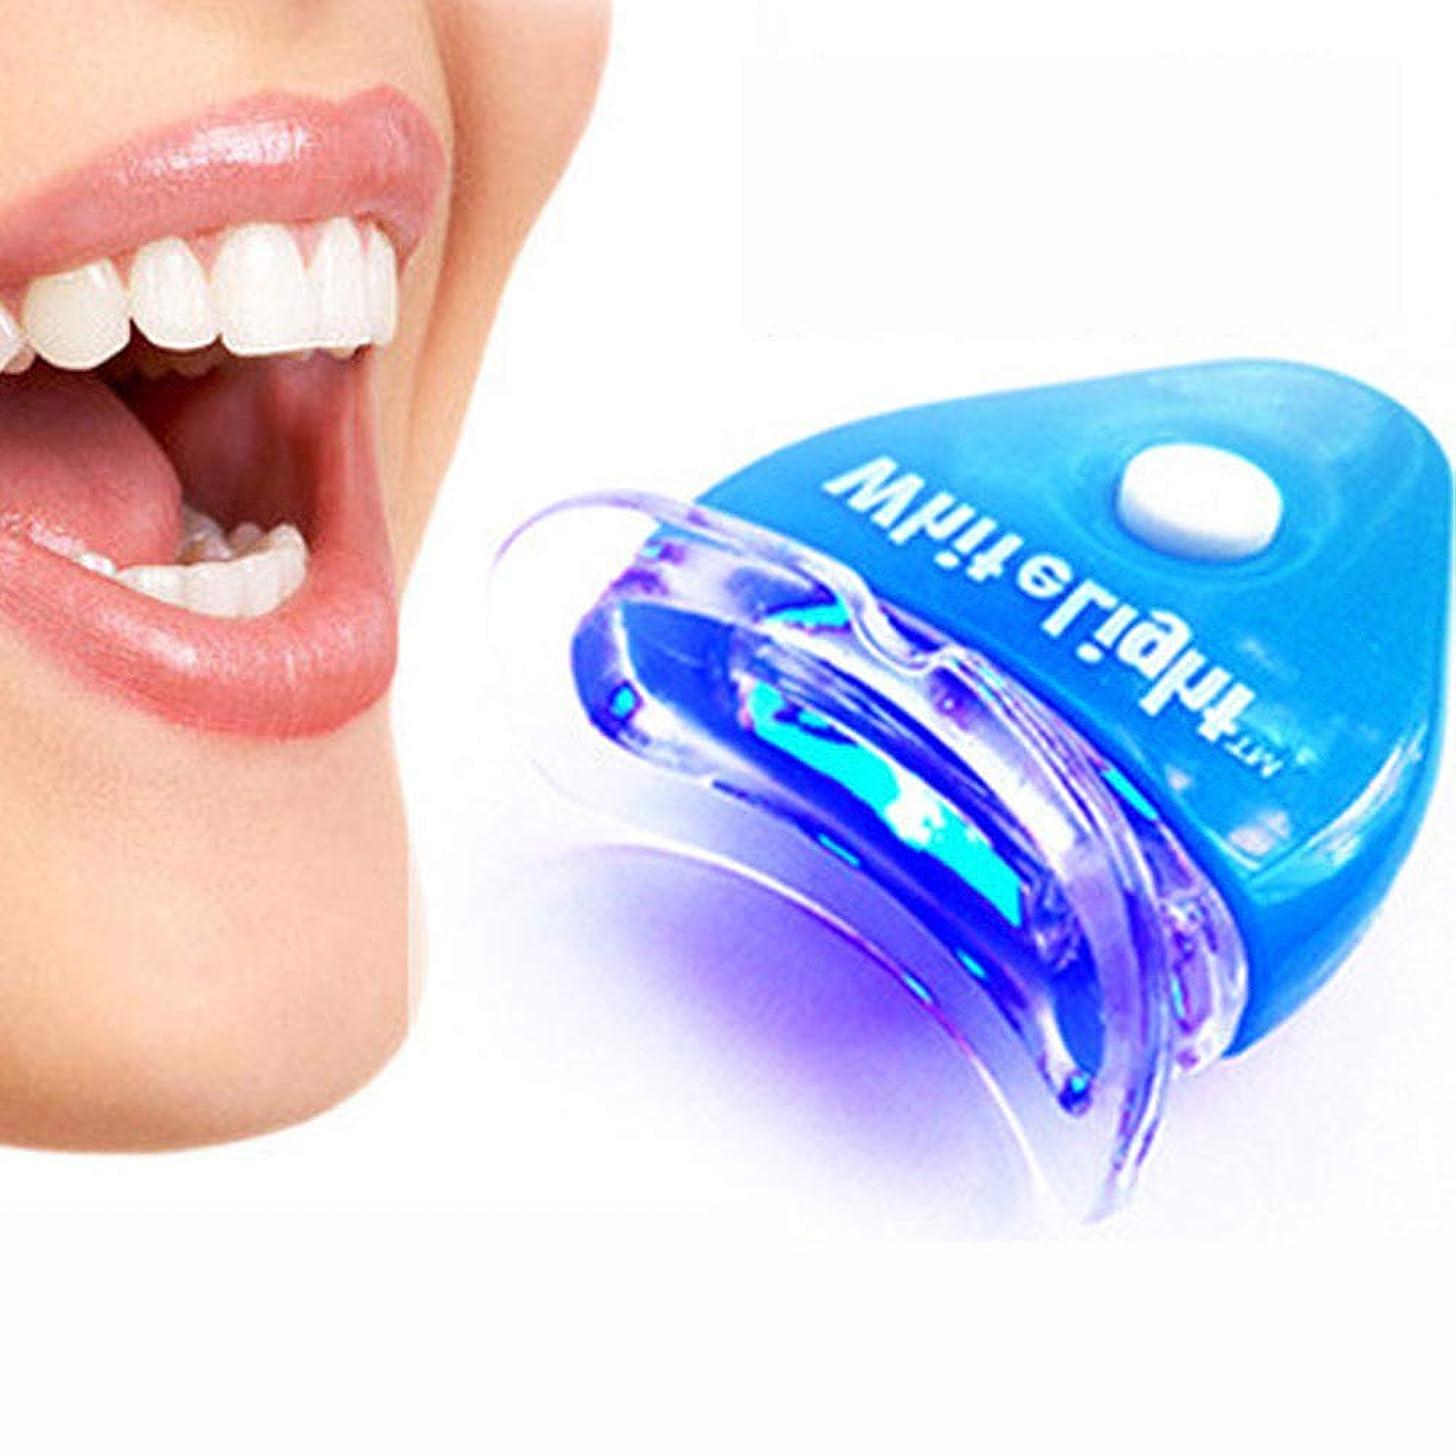 師匠ギャップピンポイントIPO 歯ホワイトニング器 歯美白器 美歯器 歯 ホワイトニング ホワイトナー ケア 歯の消しゴム 歯科機器 口腔ゲルキット ブルー